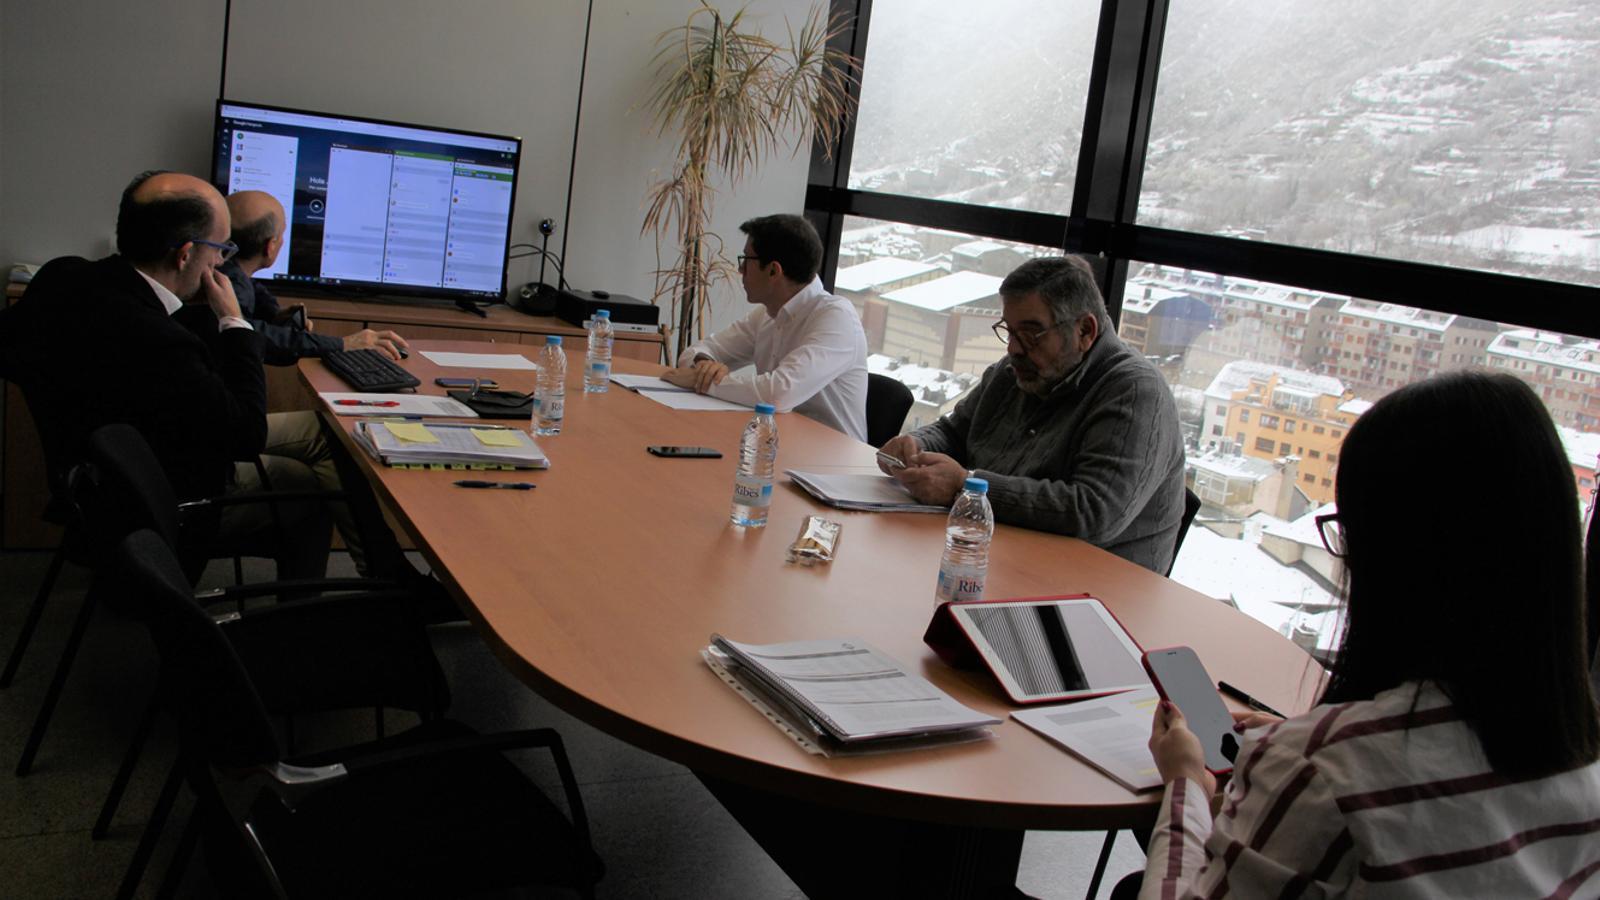 Un moment de la sessió per videoconferència que s'ha celebrat del comú d'Encamp. / COMÚ D'ENCAMP